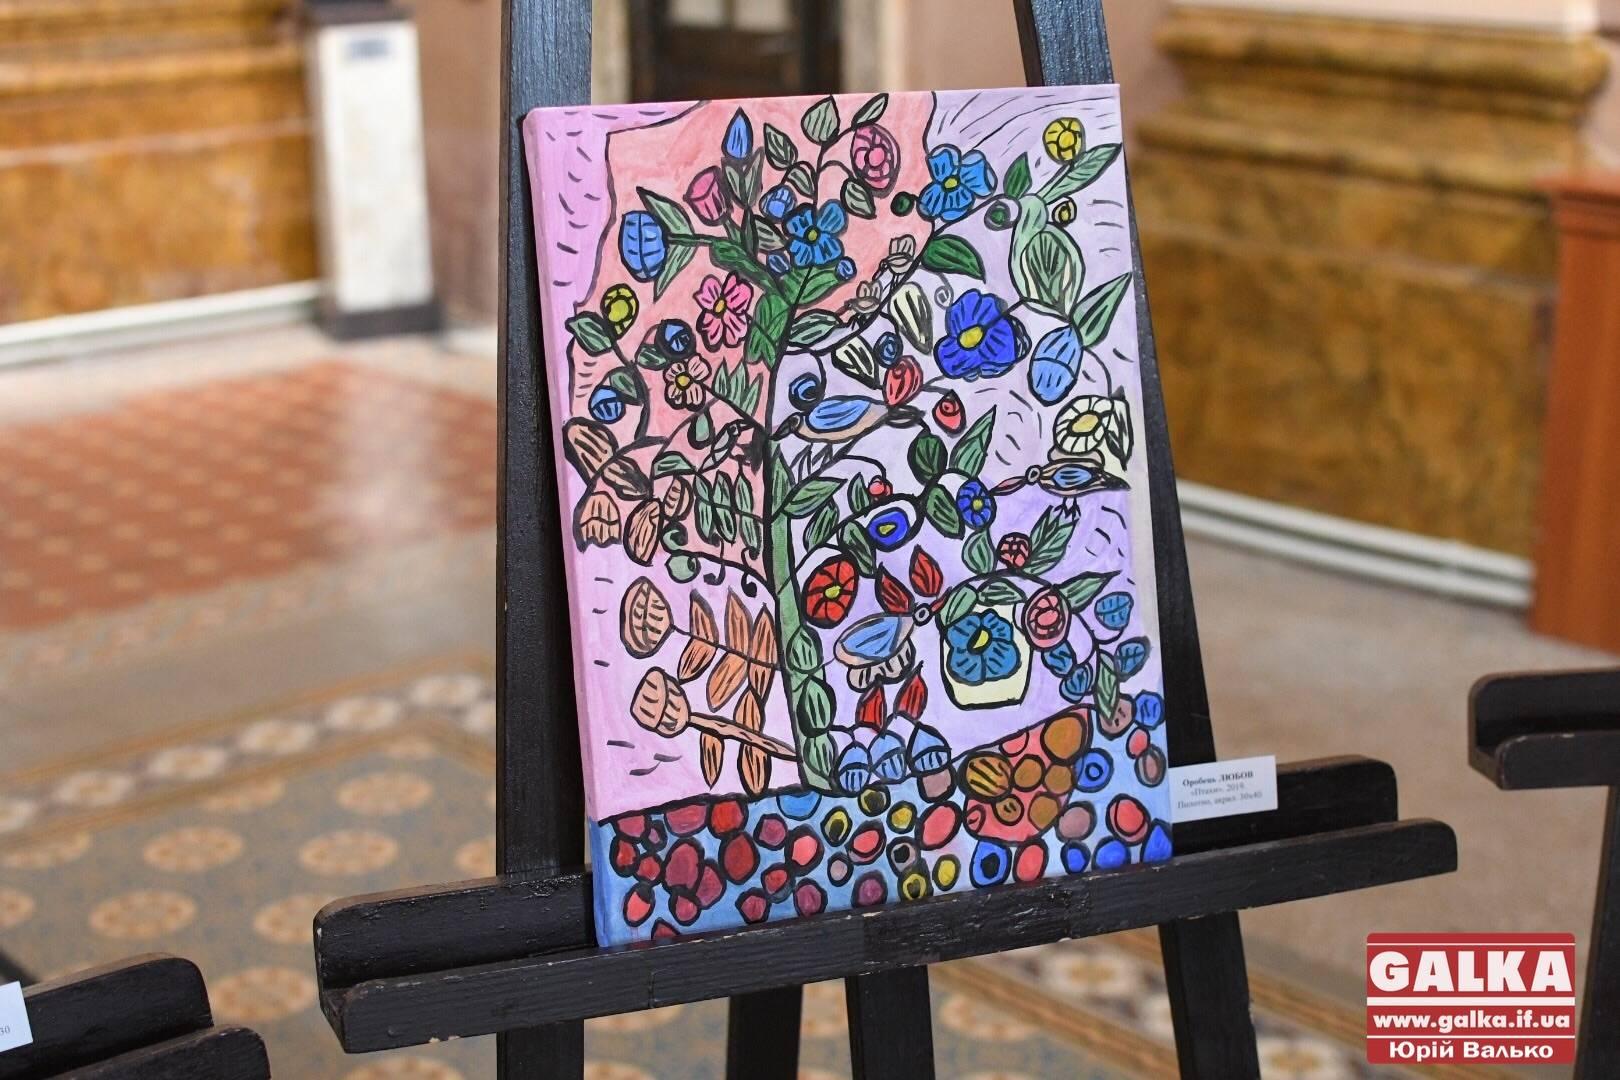 Дивовижні: виставку живопису молодих людей з інвалідністю відкрили в обласному центрі (ФОТО)